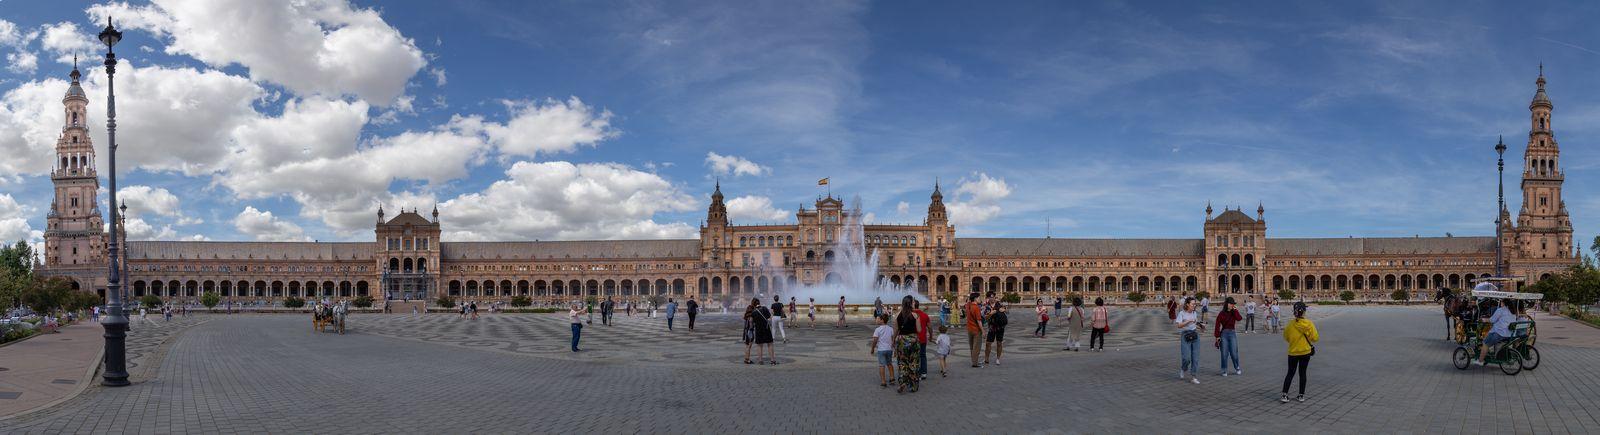 Bienvenidos a la Plaza de España